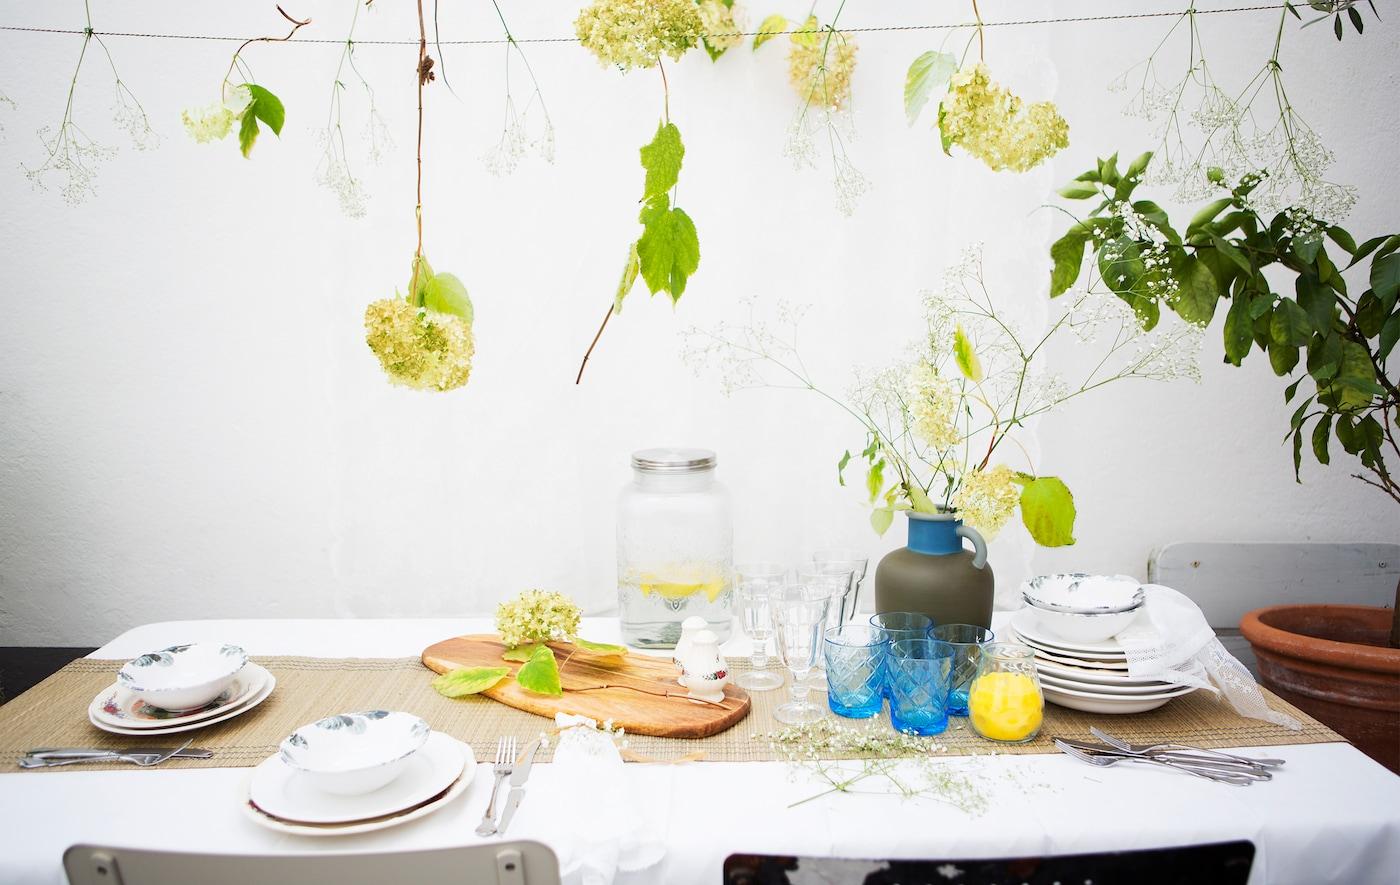 Stol na kojem se nalazi posuđe s uzorcima, čaše i vaze pune cvijeća uz cvijeće koje visi iznad stola.